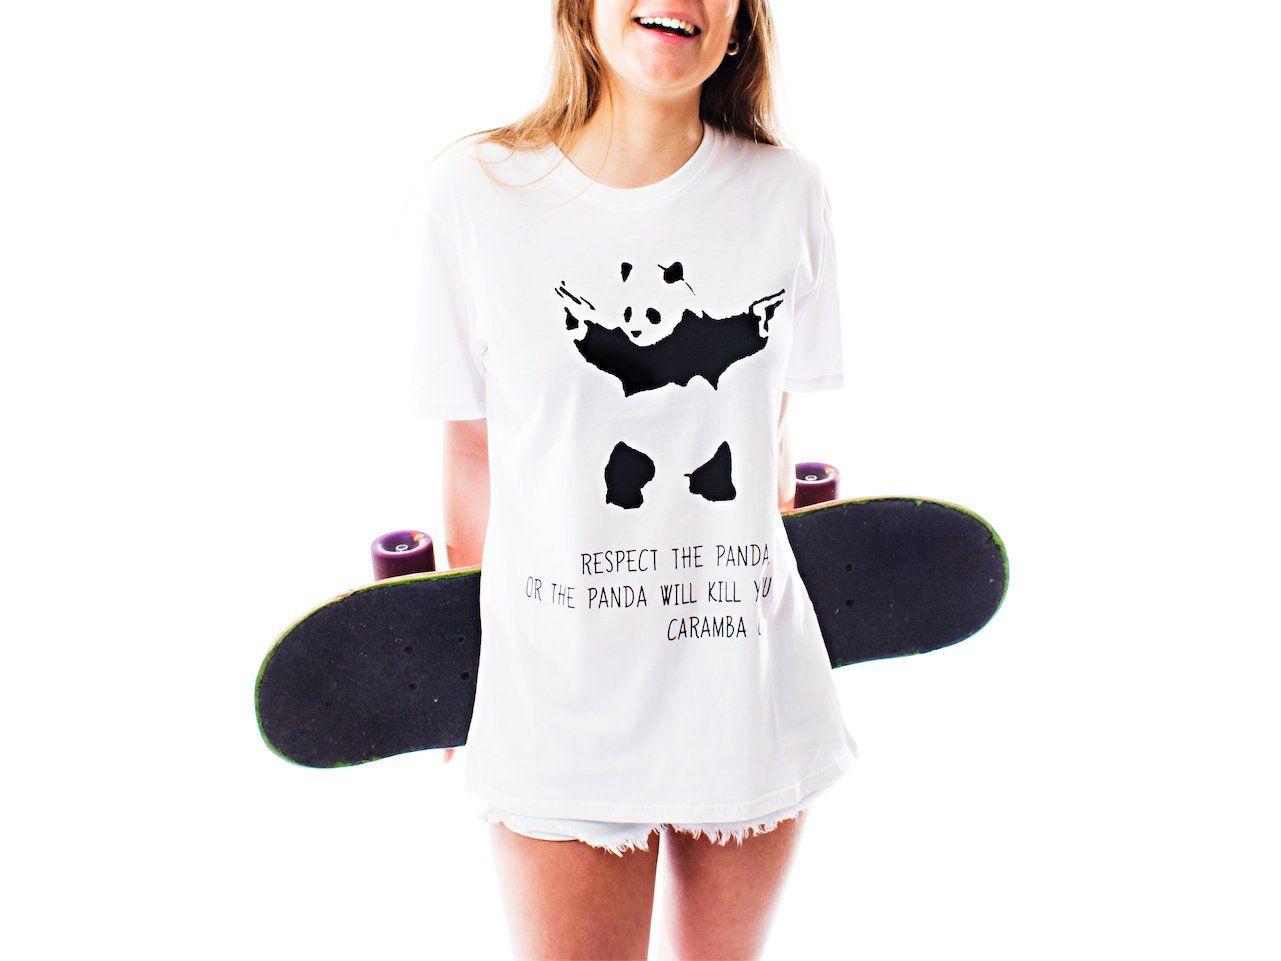 Respect the panda, or the panda will kill you - Caramba Company